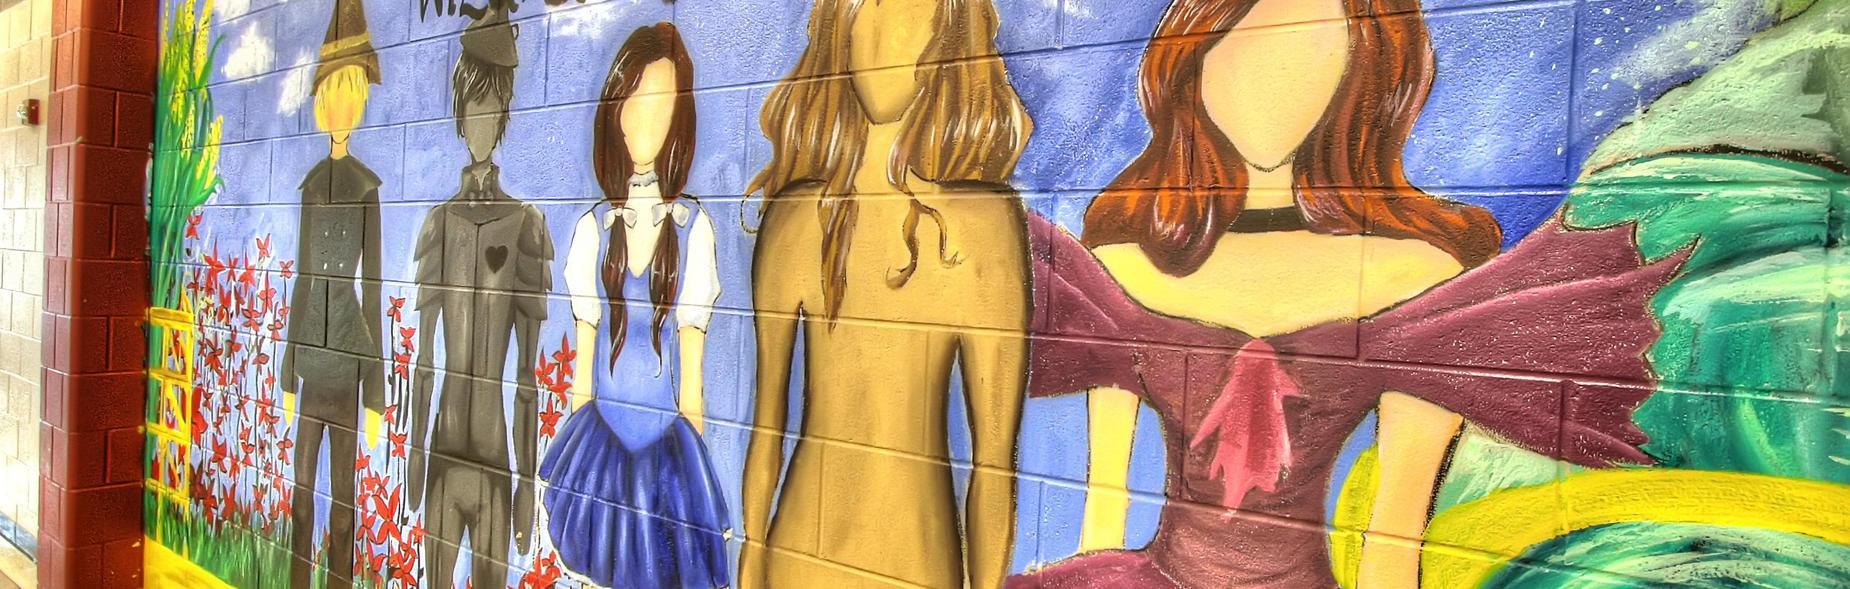 Mural O7GC Cafe